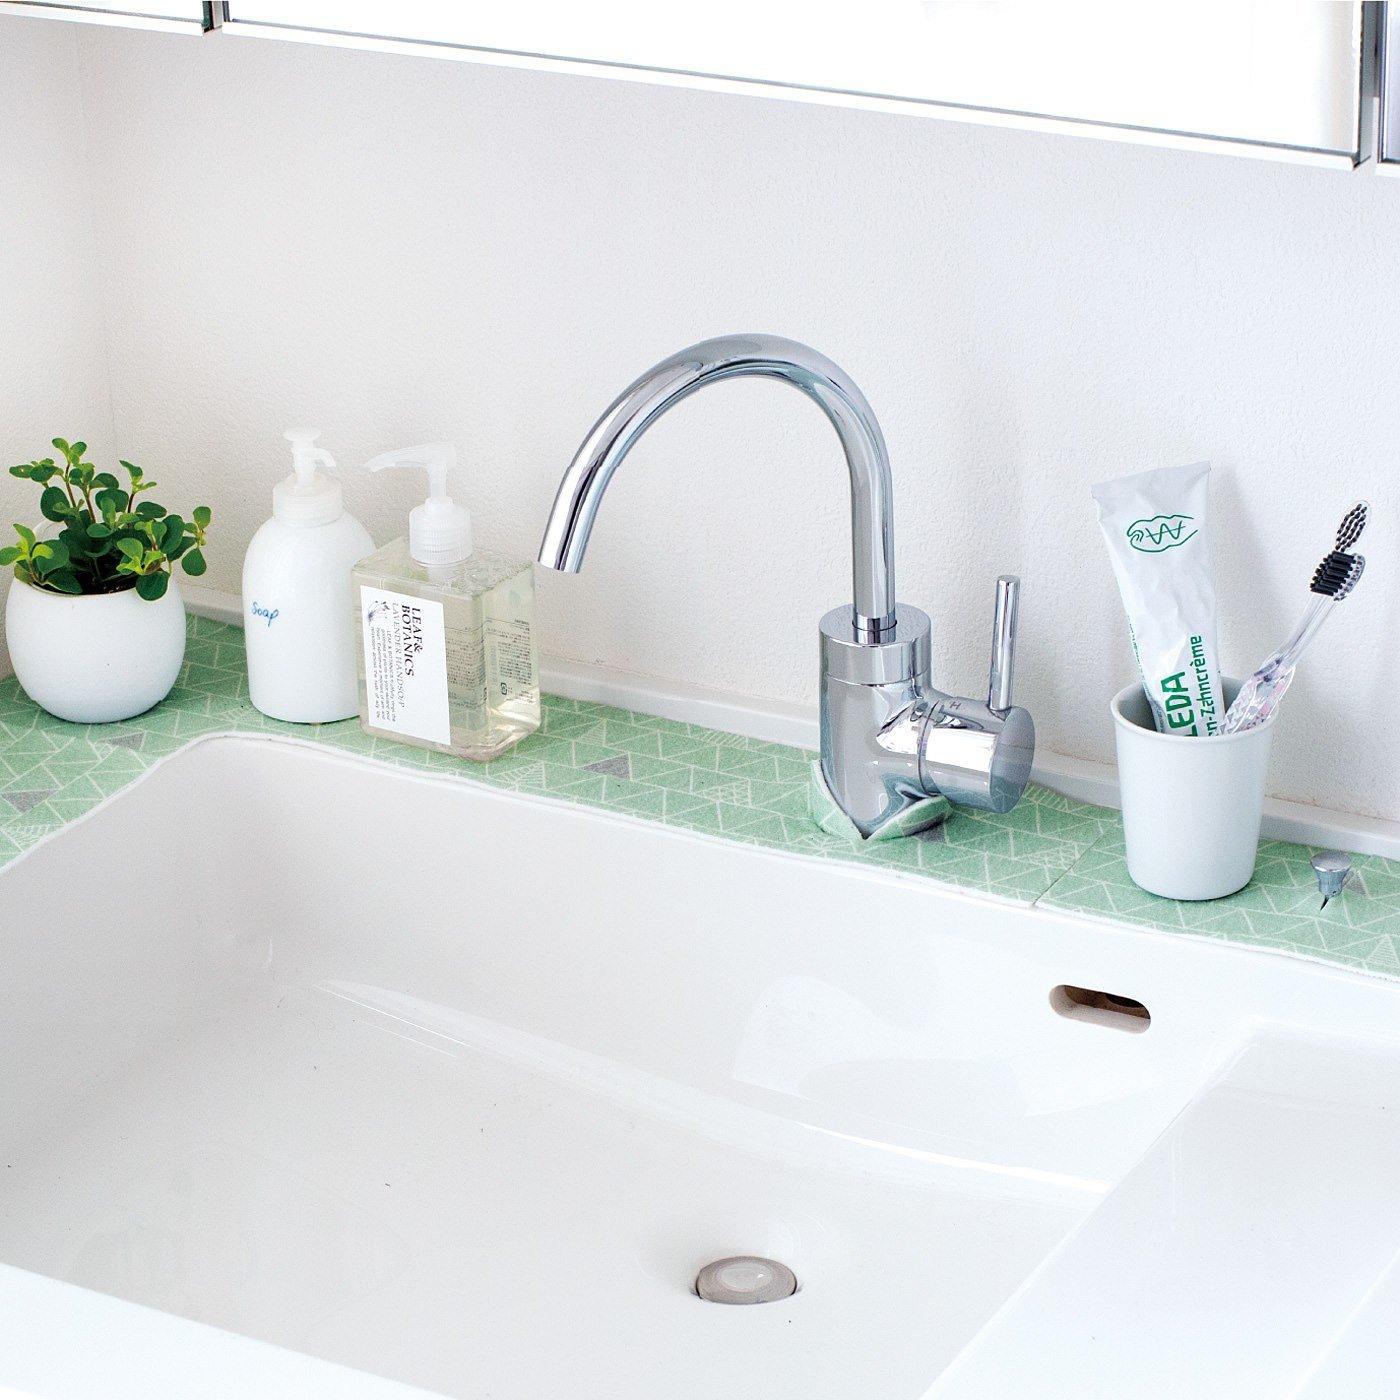 敷くだけで水はねお掃除の頻度を減らせる 洗面吸水シートの会